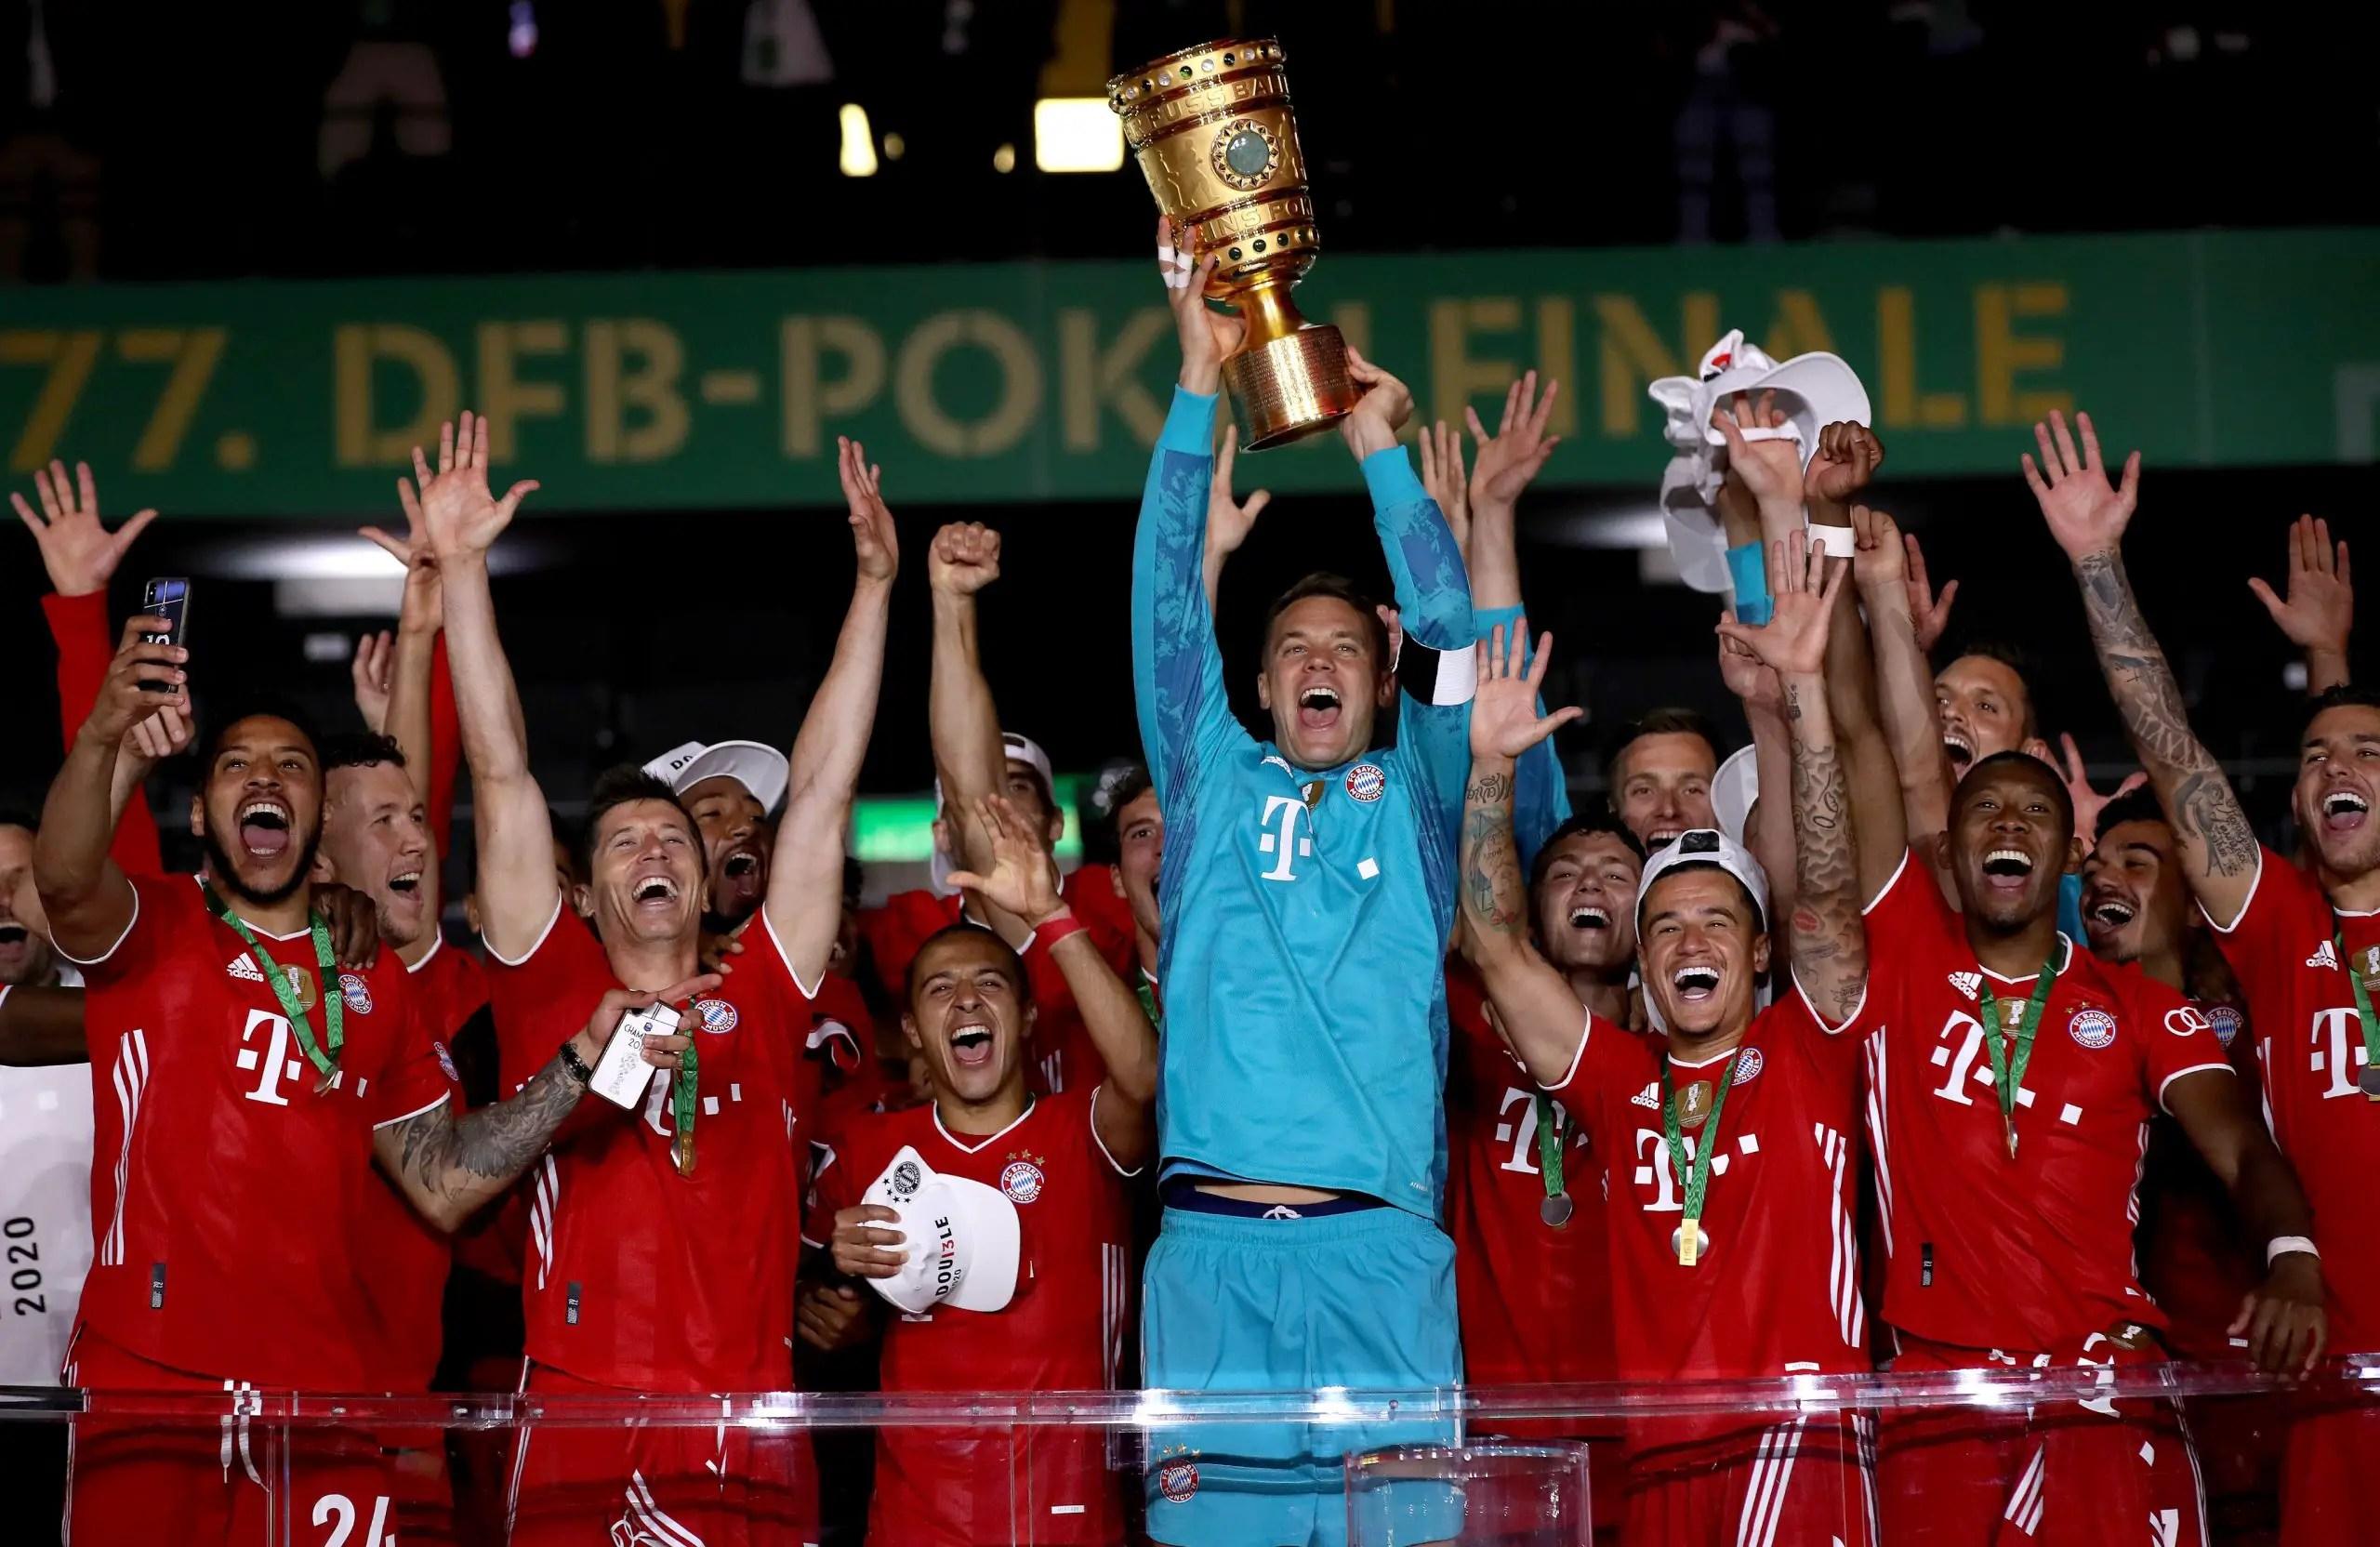 Bayern Munich Beat Leverkusen To Claim Record DFB-Pokal Title